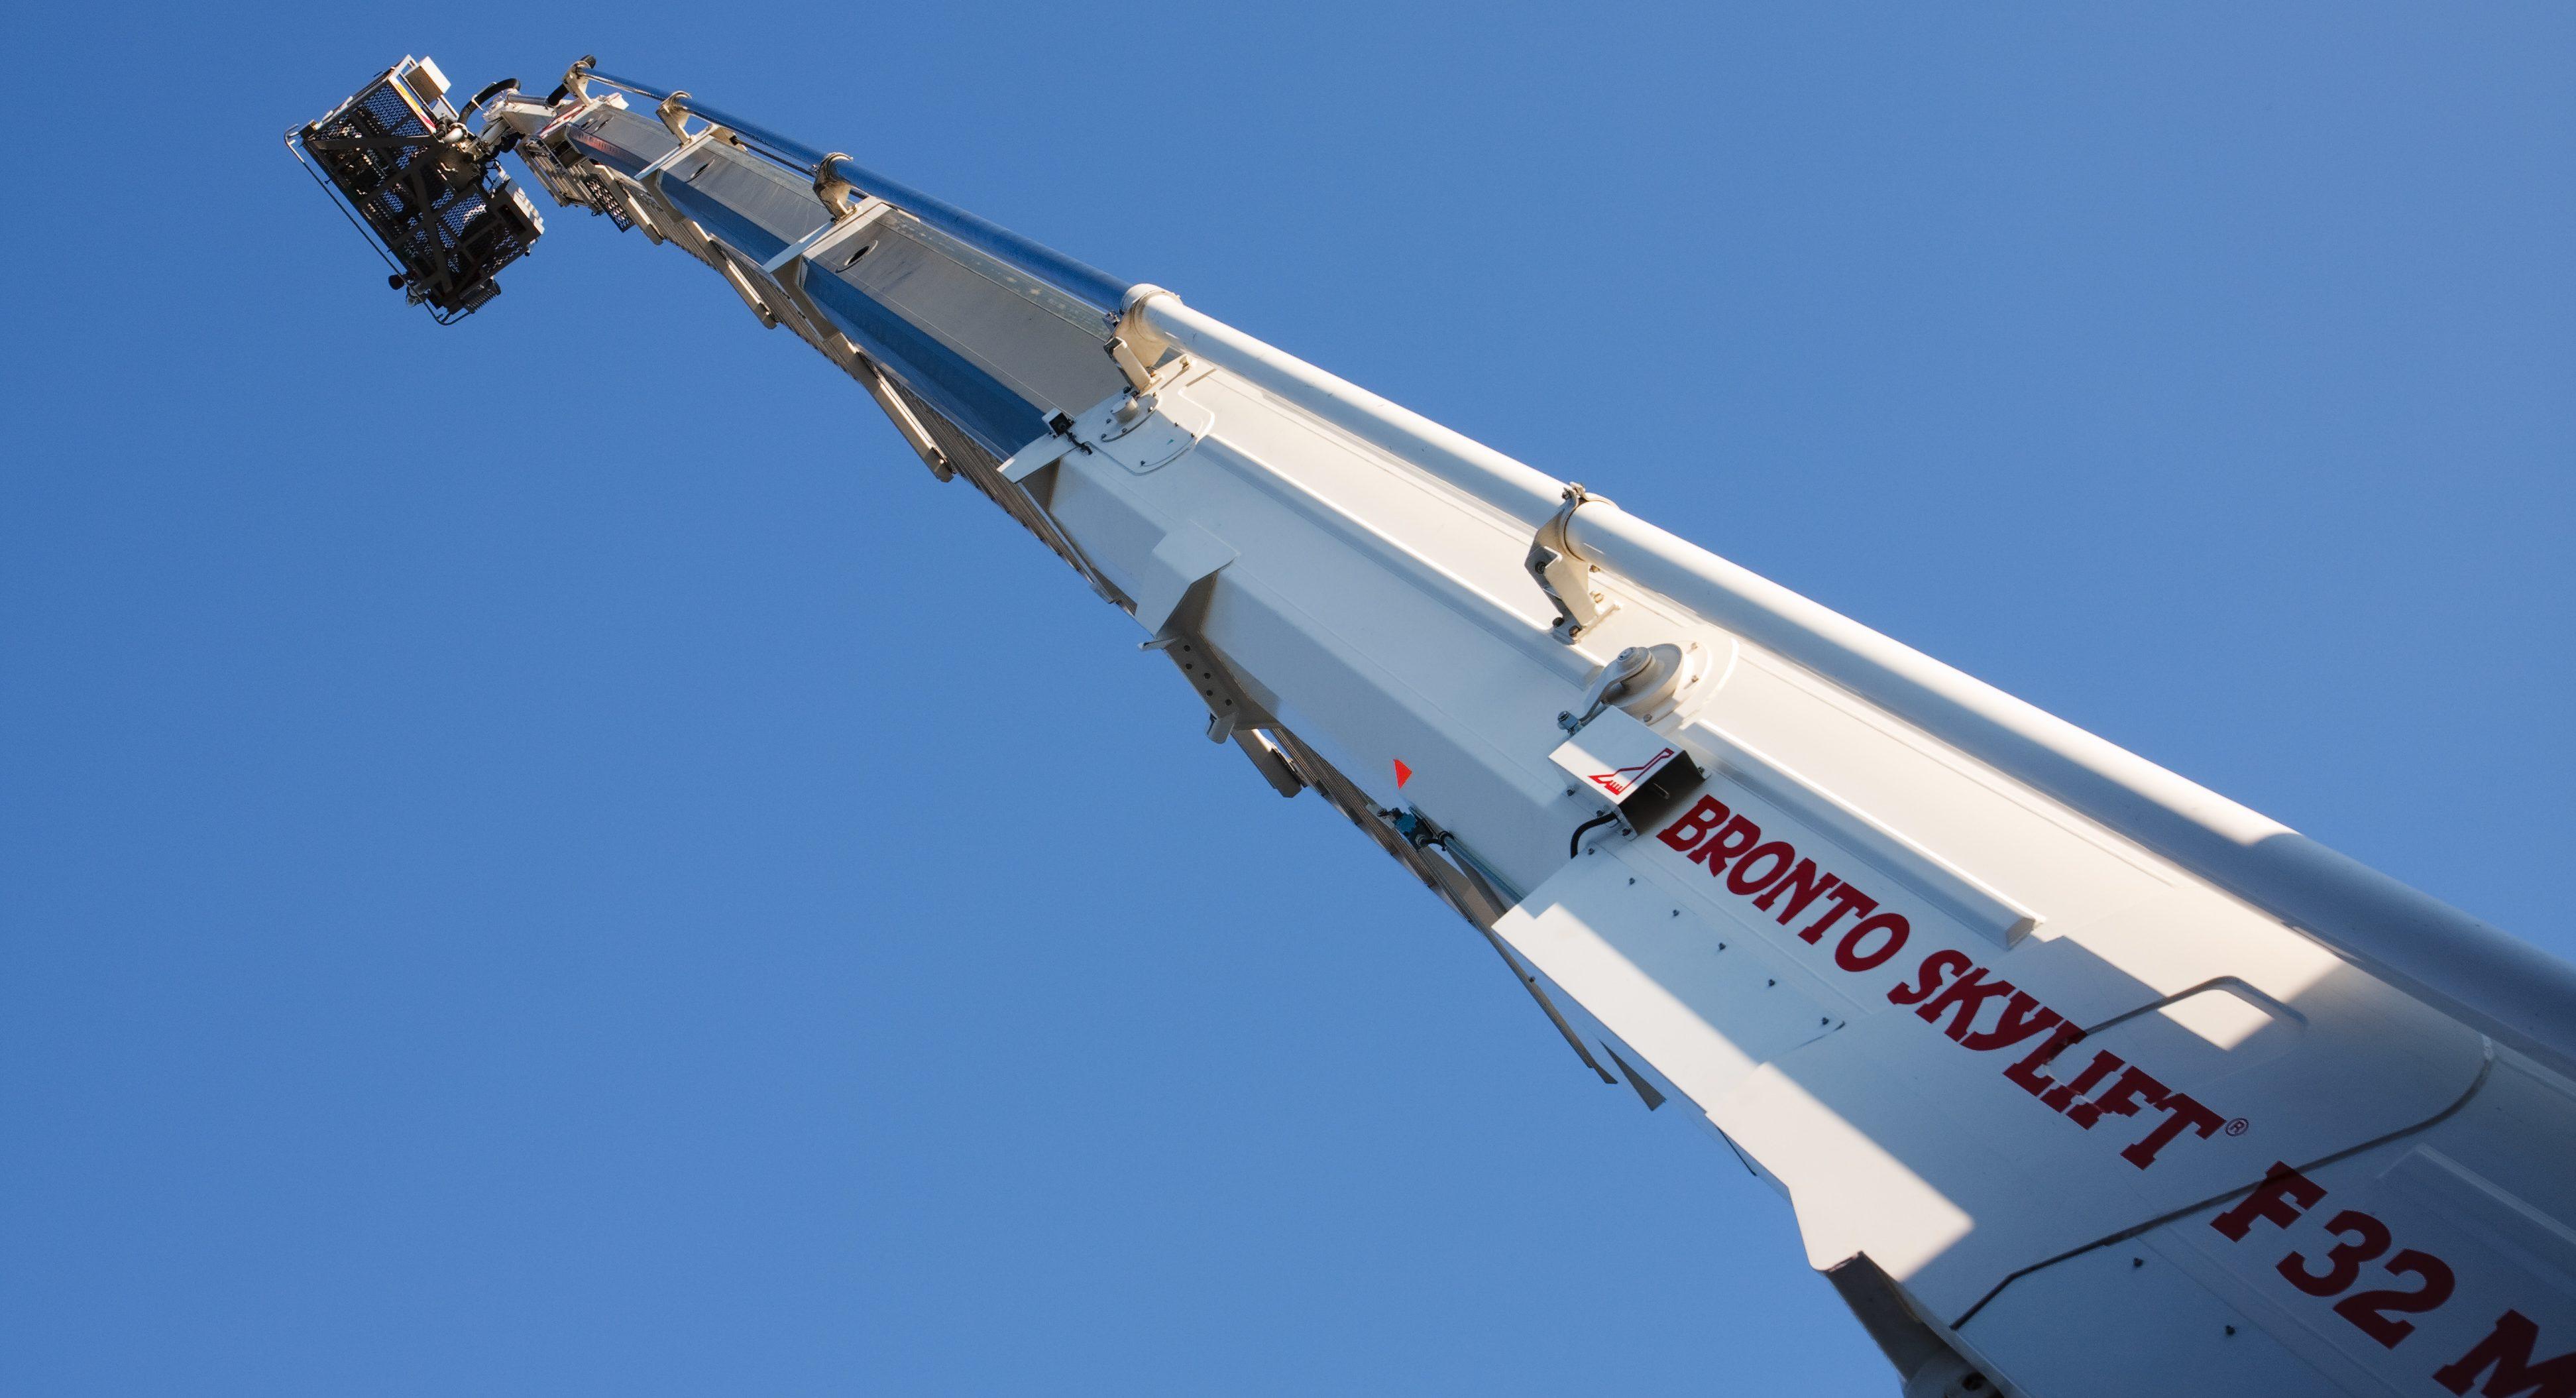 Teleskoparm eines Hubrettungsfahrzeuges, ausgefahren